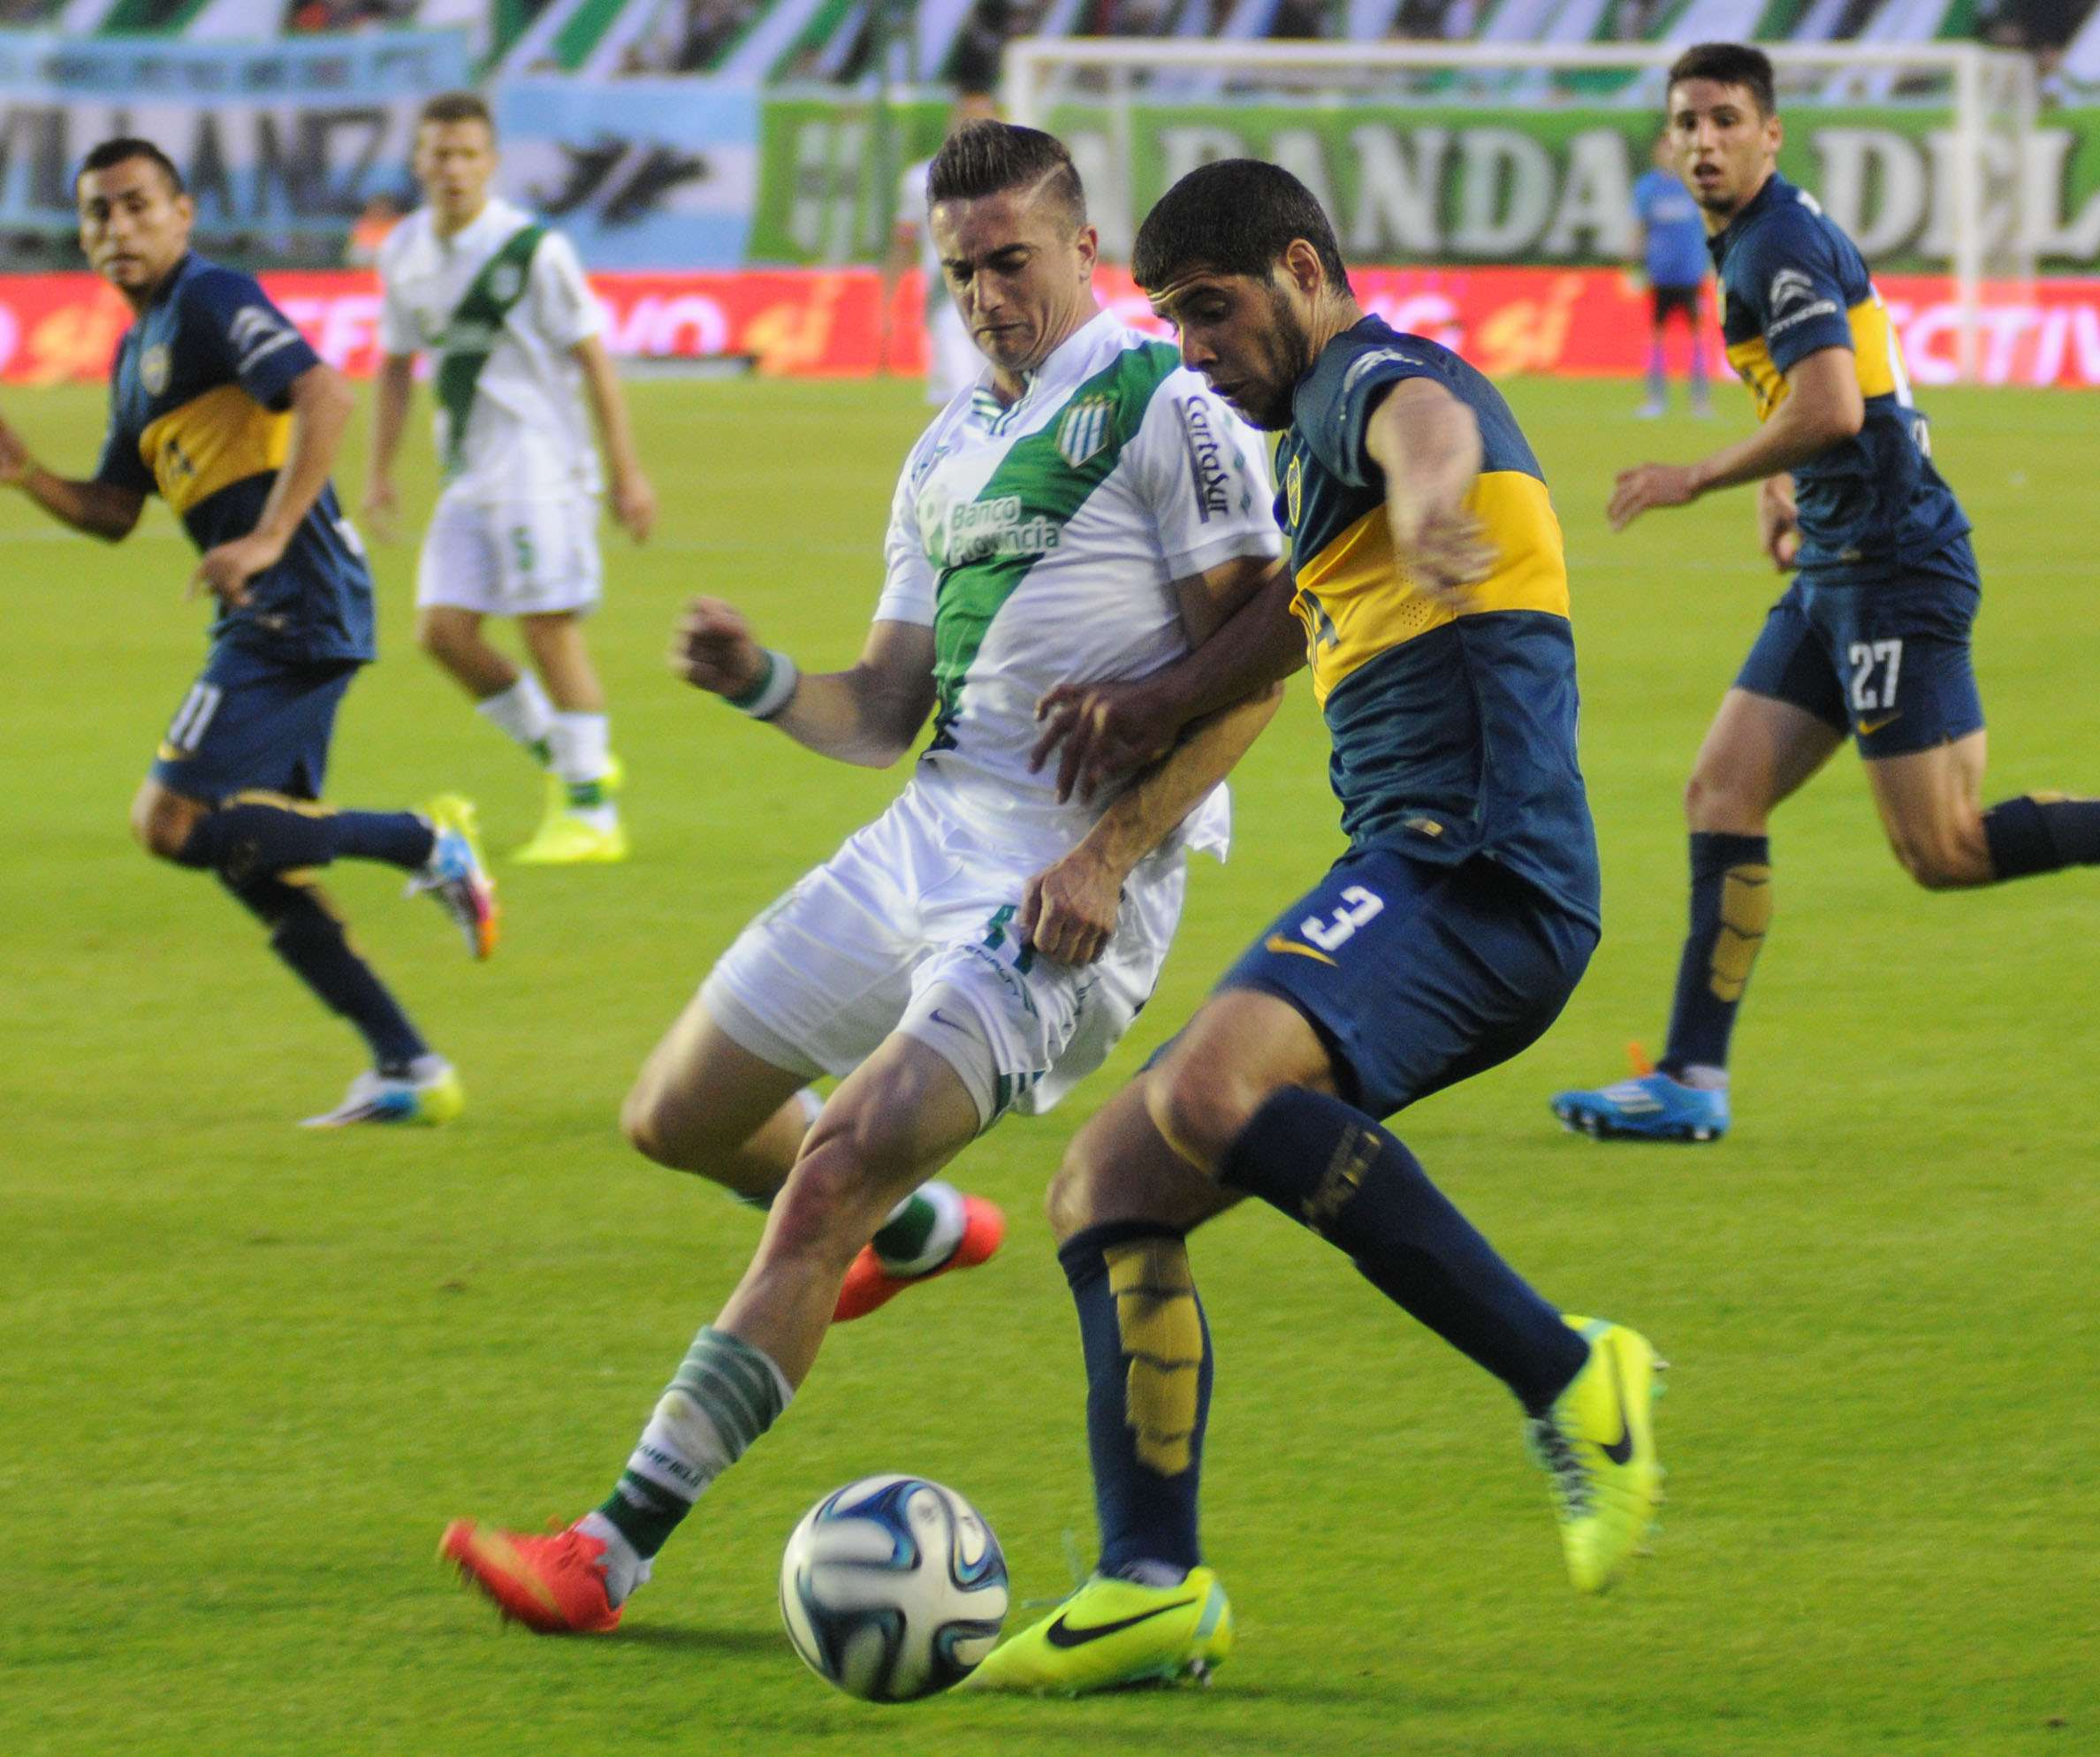 Banfield y Boca empataron 1 a 1 Foto: Agencias